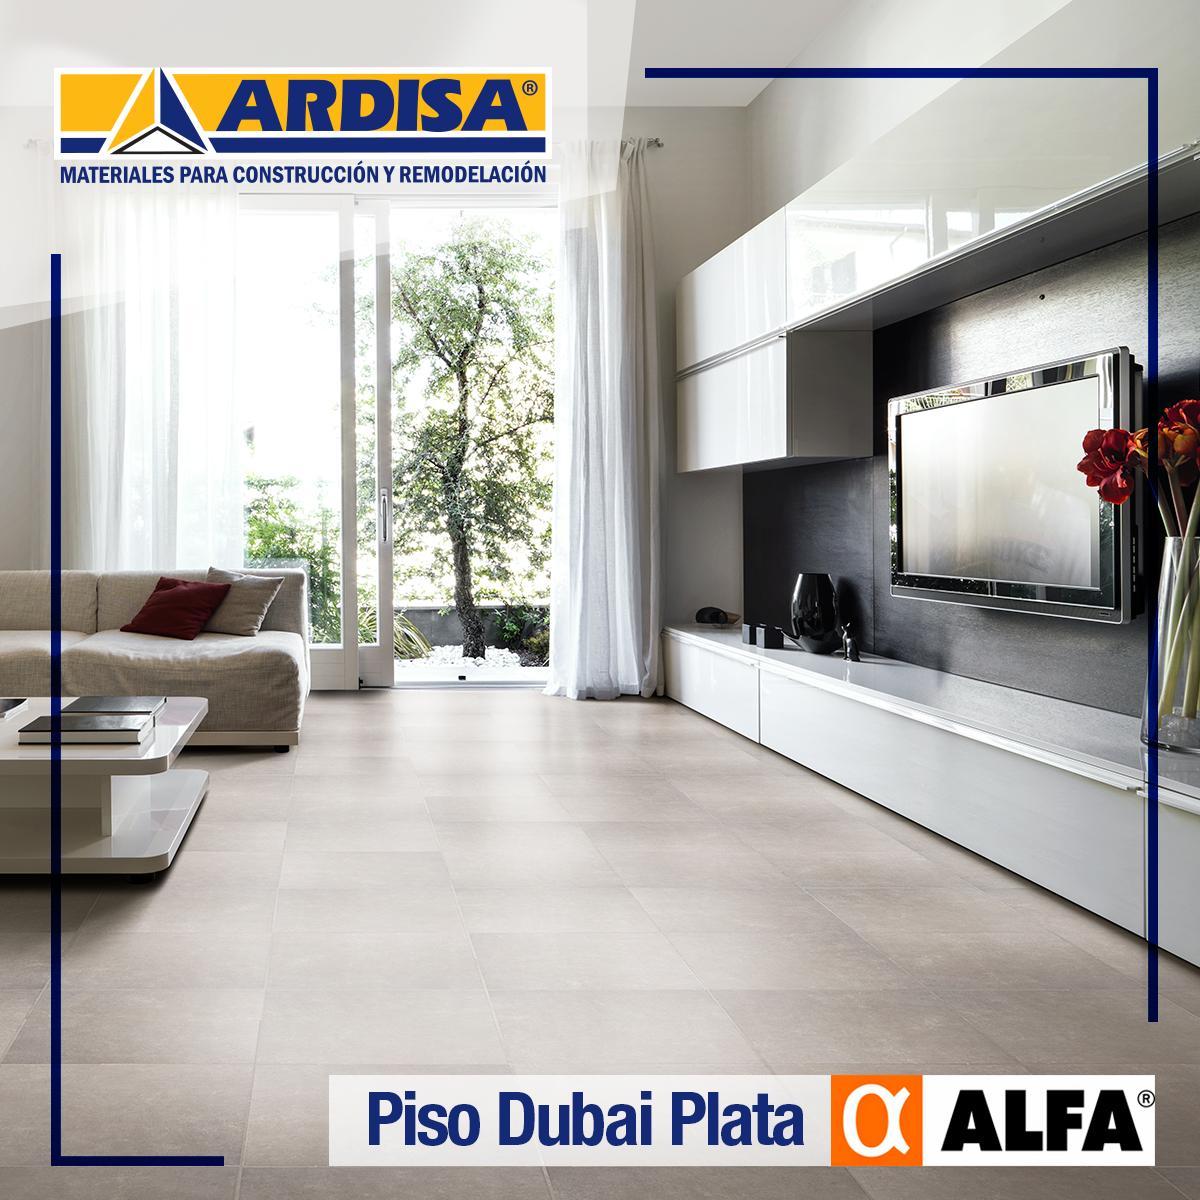 Conoce El Nuevo Piso Dubai Plata Marca Alfa En Nuestra Nueva Sala  # Muebles Bucaramanga Centro